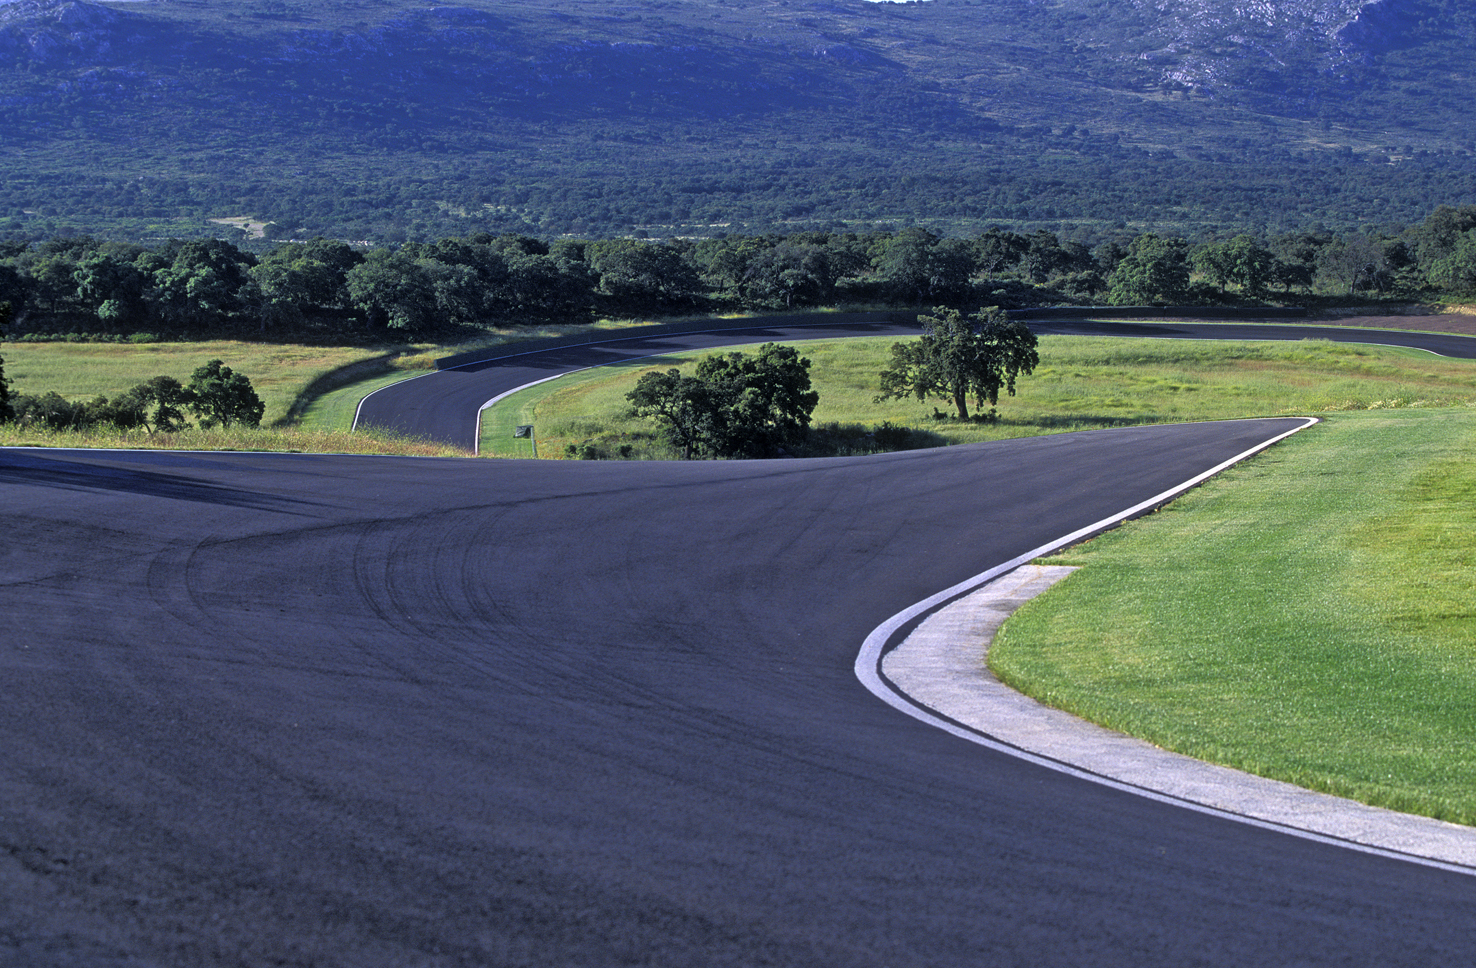 Circuito Ascari : File:circuito 1.jpg wikimedia commons